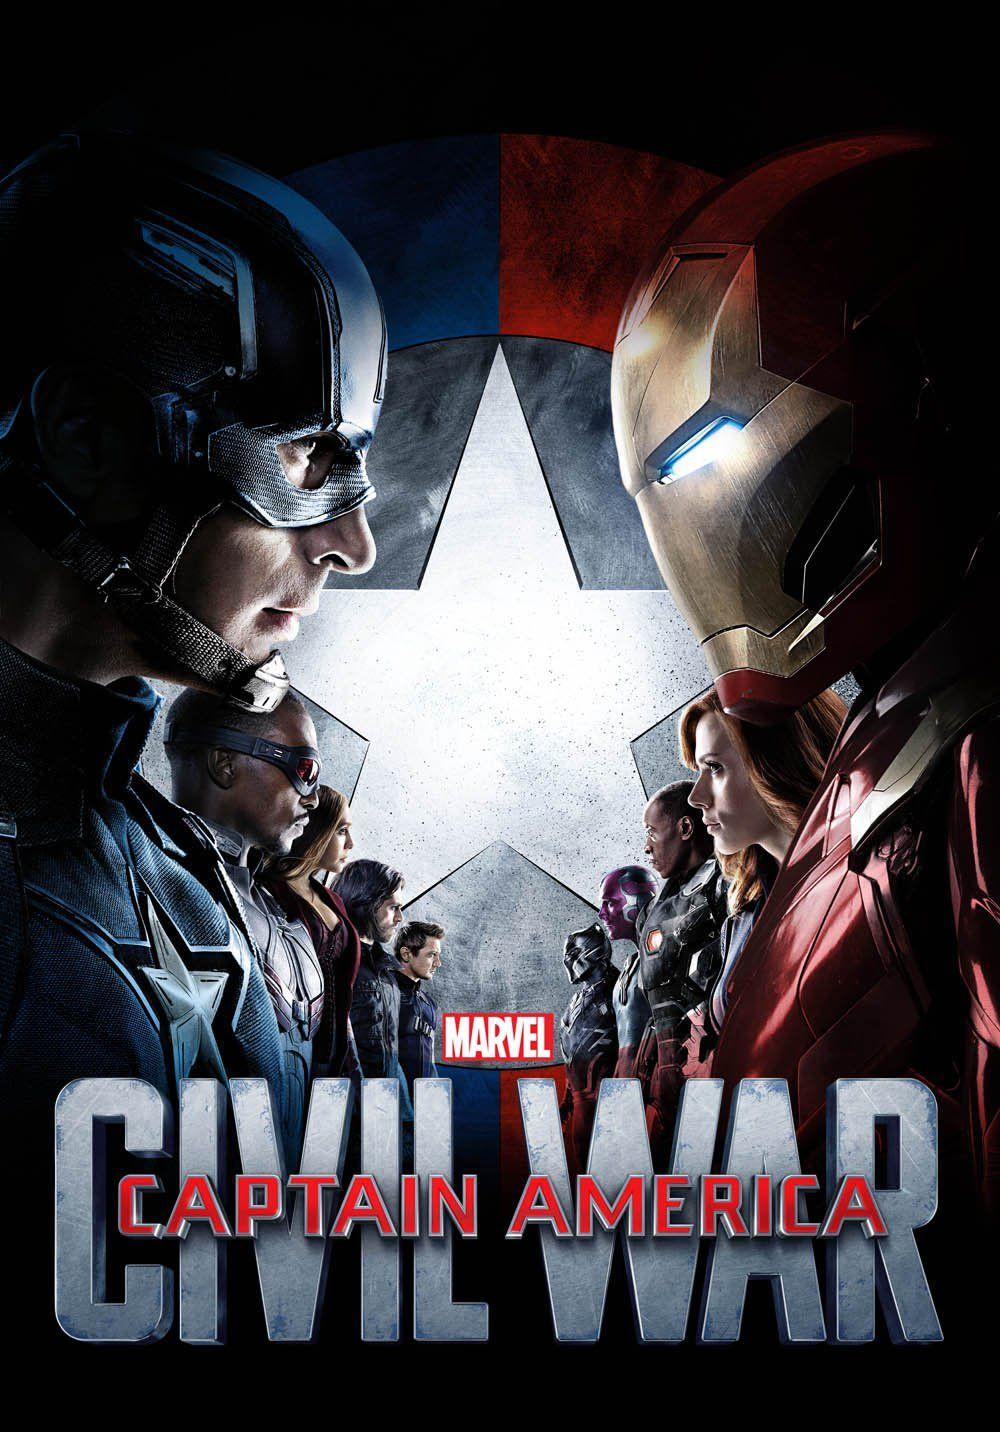 دانلود فیلم Captain America Civil War 2016 دوبله فارسی - کاپیتان آمریکا جنگ داخلی